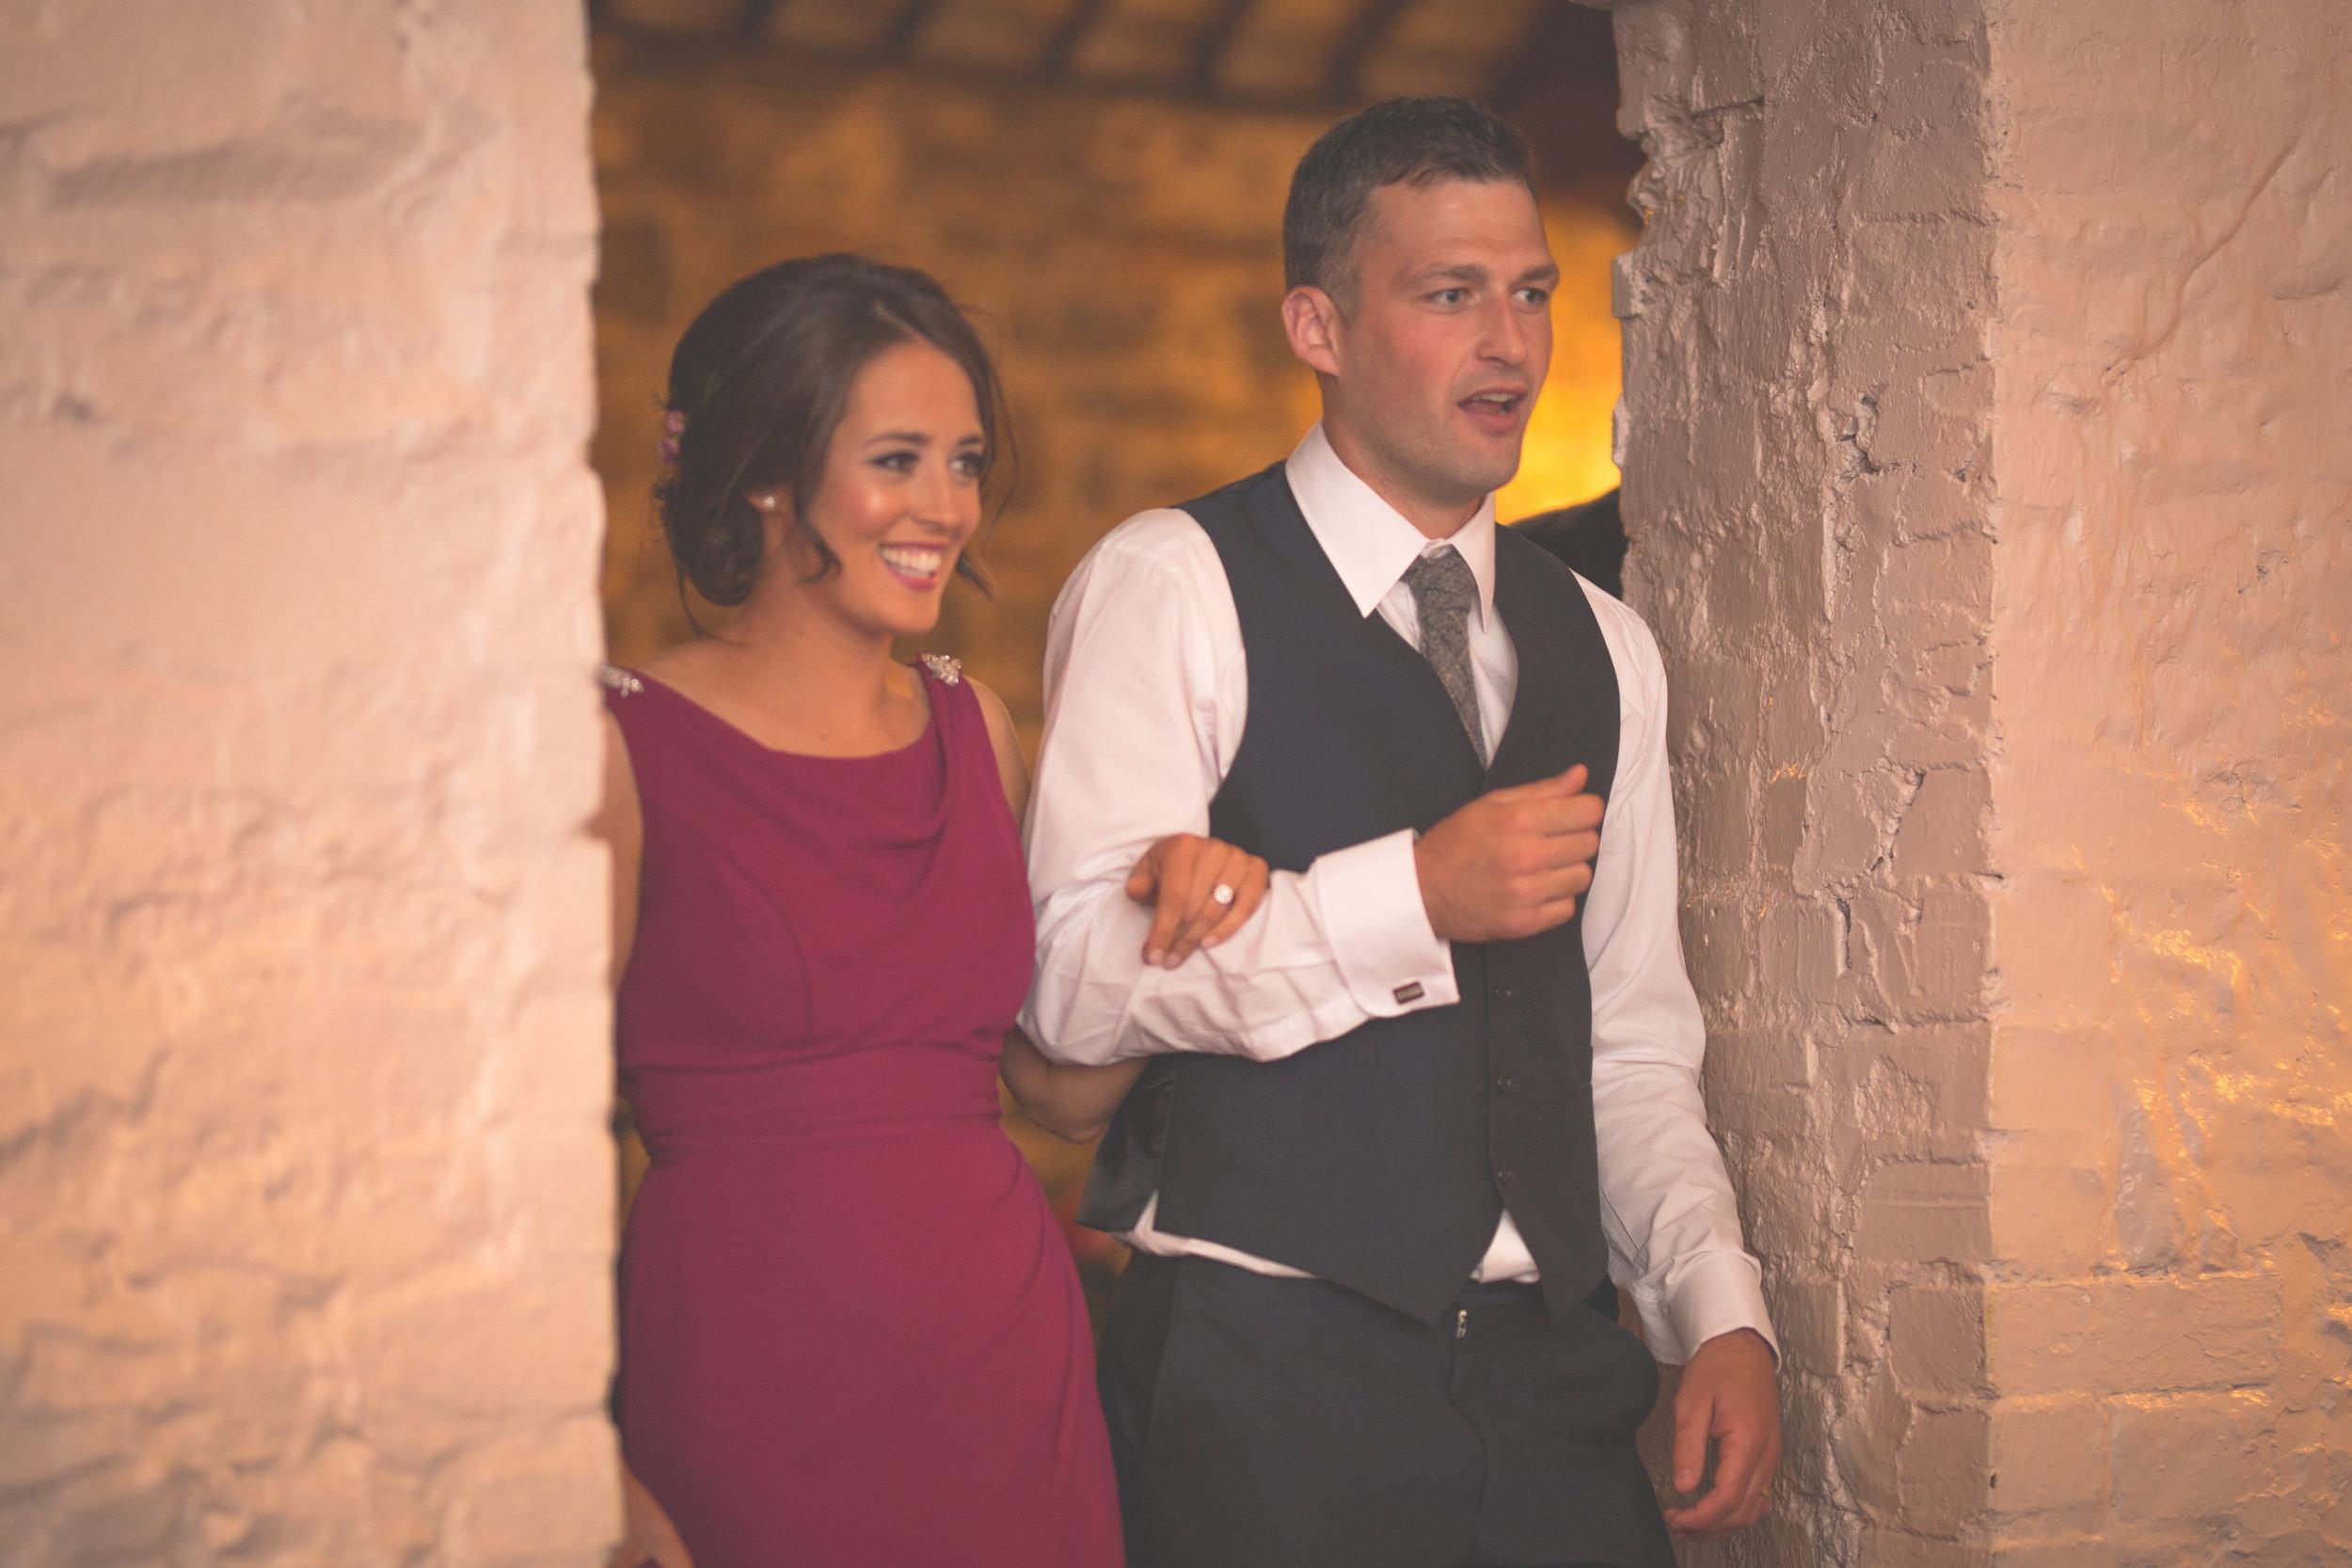 Brian McEwan Wedding Photography | Carol-Anne & Sean | The Speeches-48.jpg